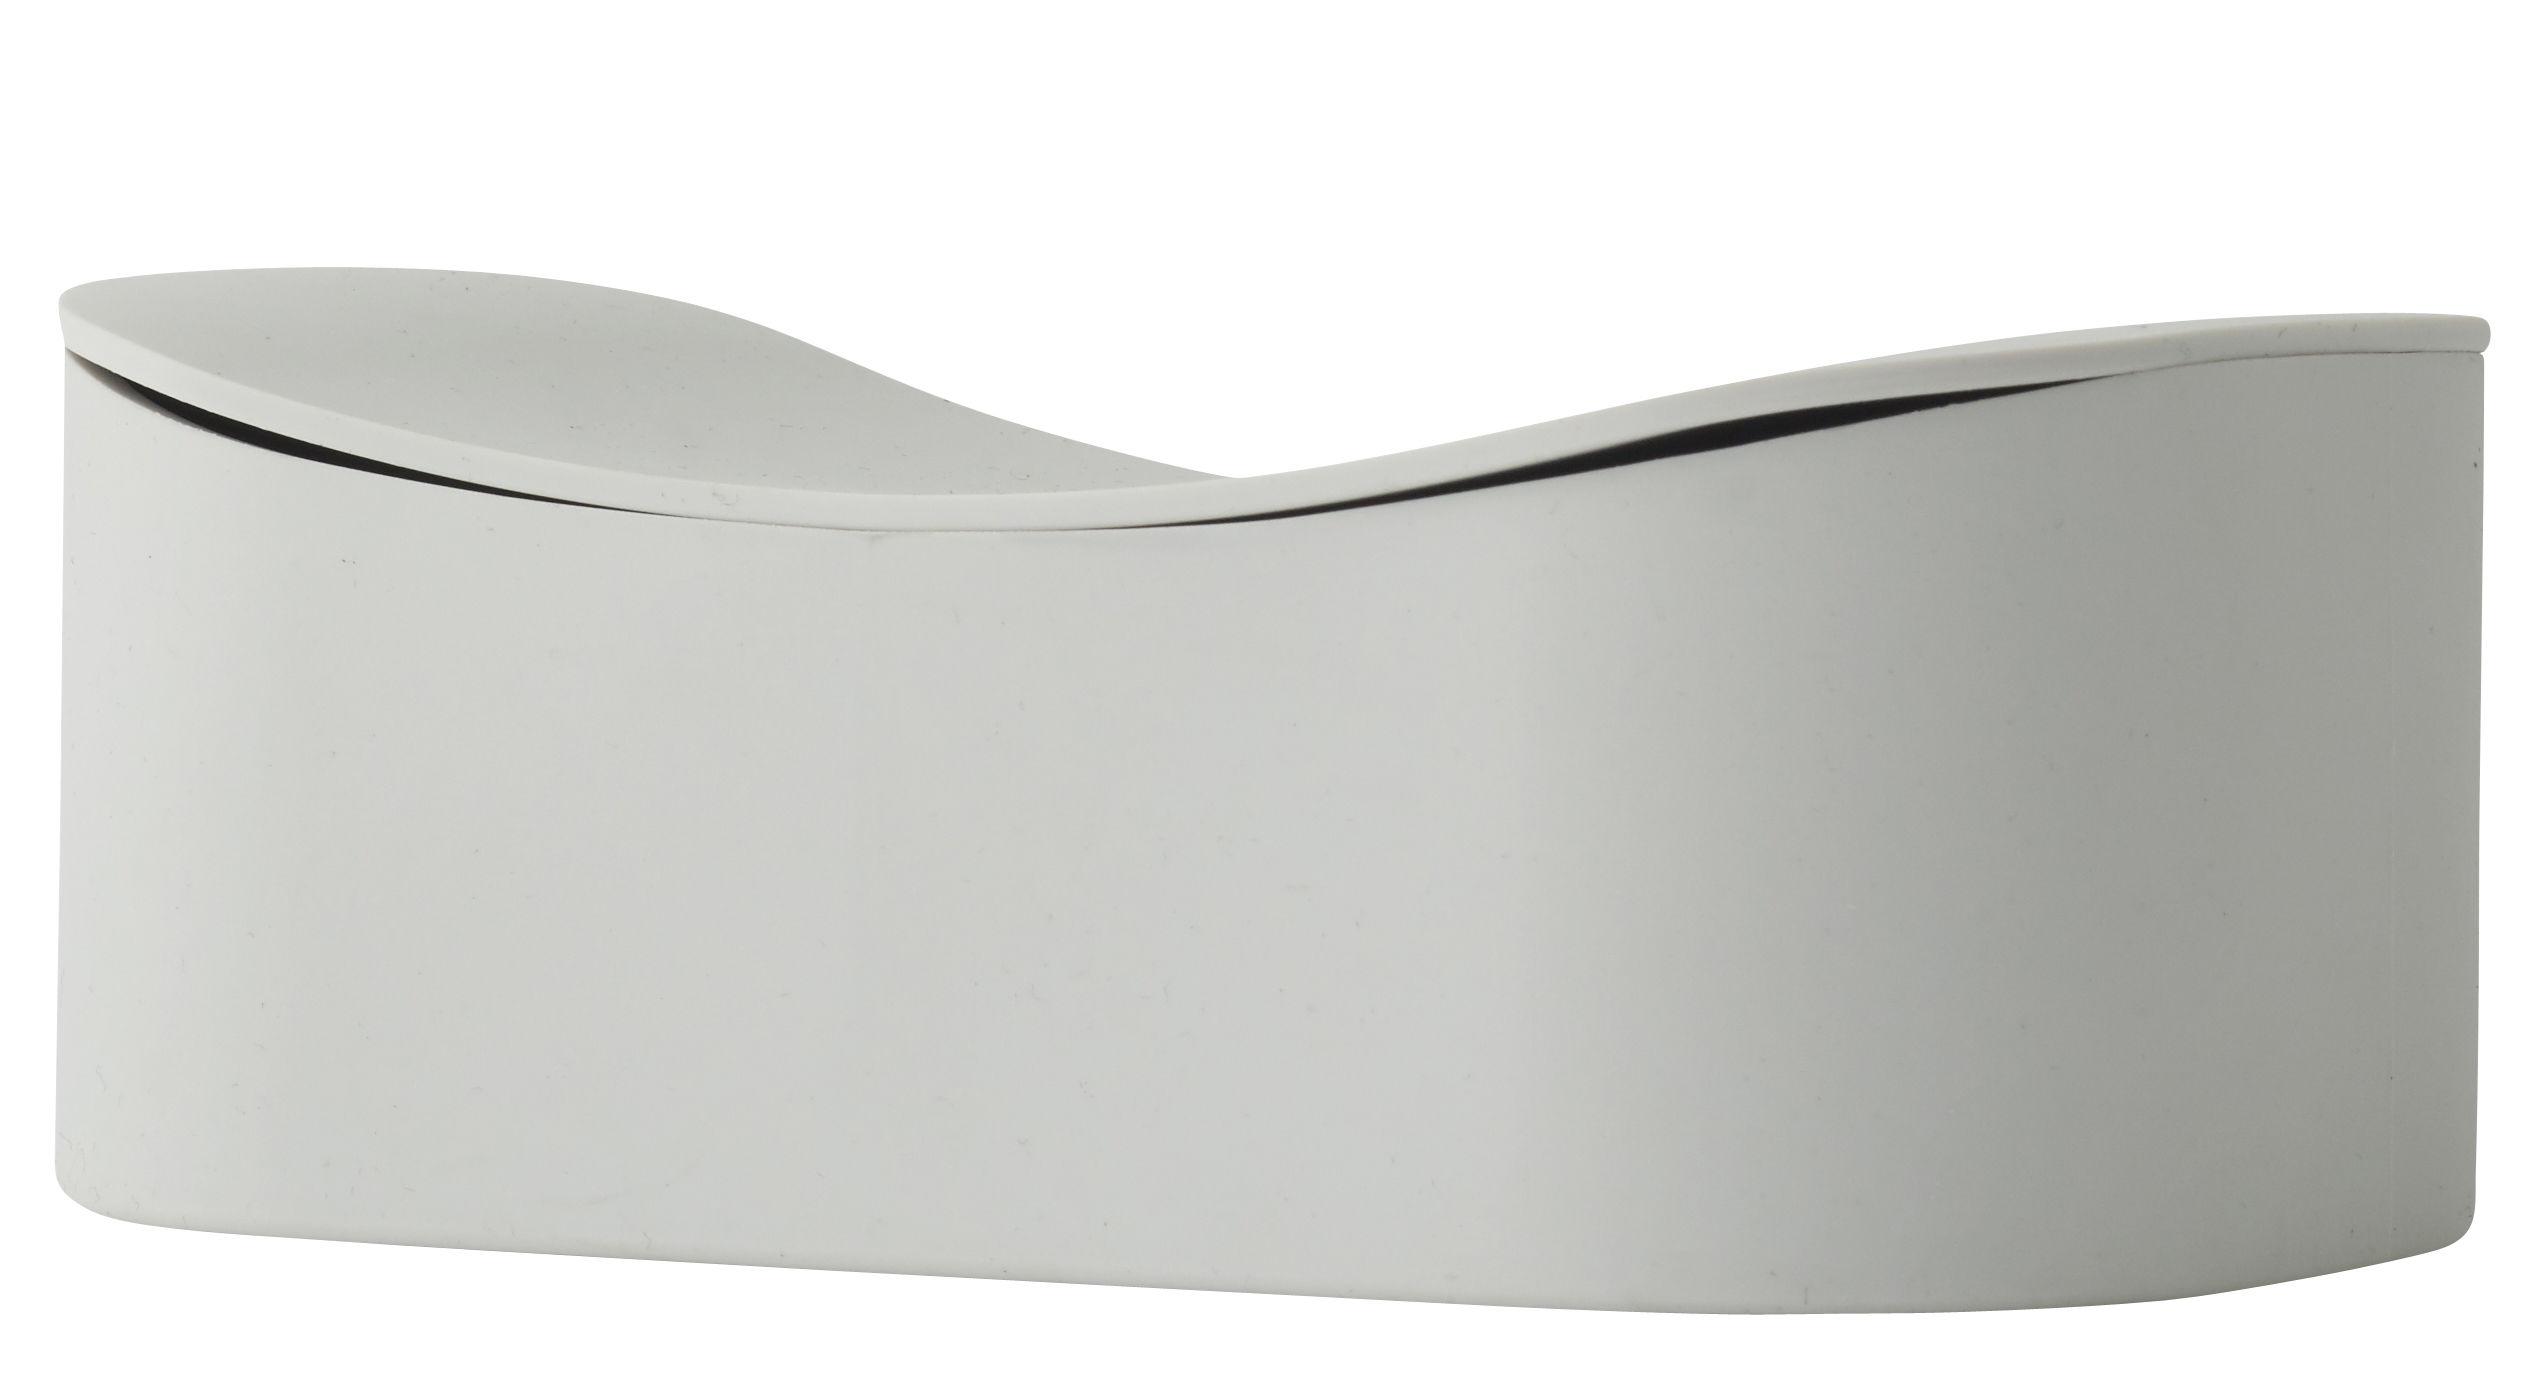 Cucina - Lattine, Pentole e Vasi - Scatola Phold Large / Silicone - L 18 x H 6 cm - Menu - Frassino (grigio chiaro) - Silicone